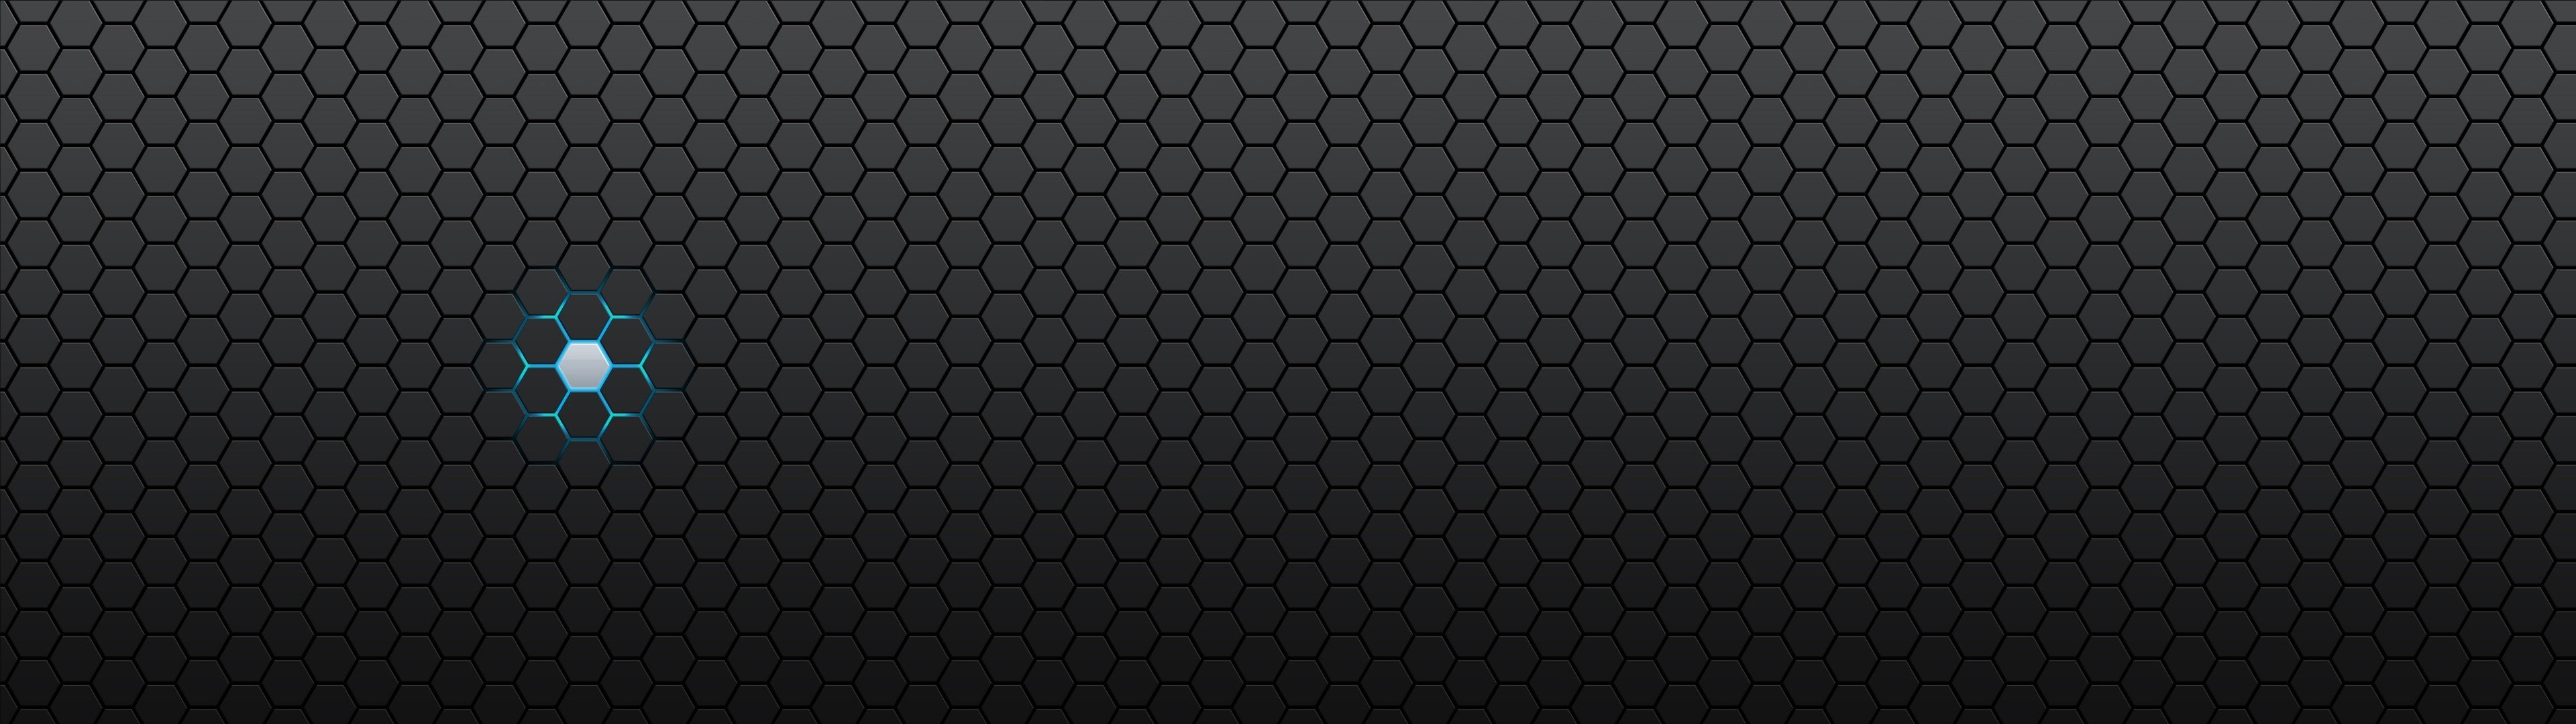 3840X1080 Wallpaper 3840x1080